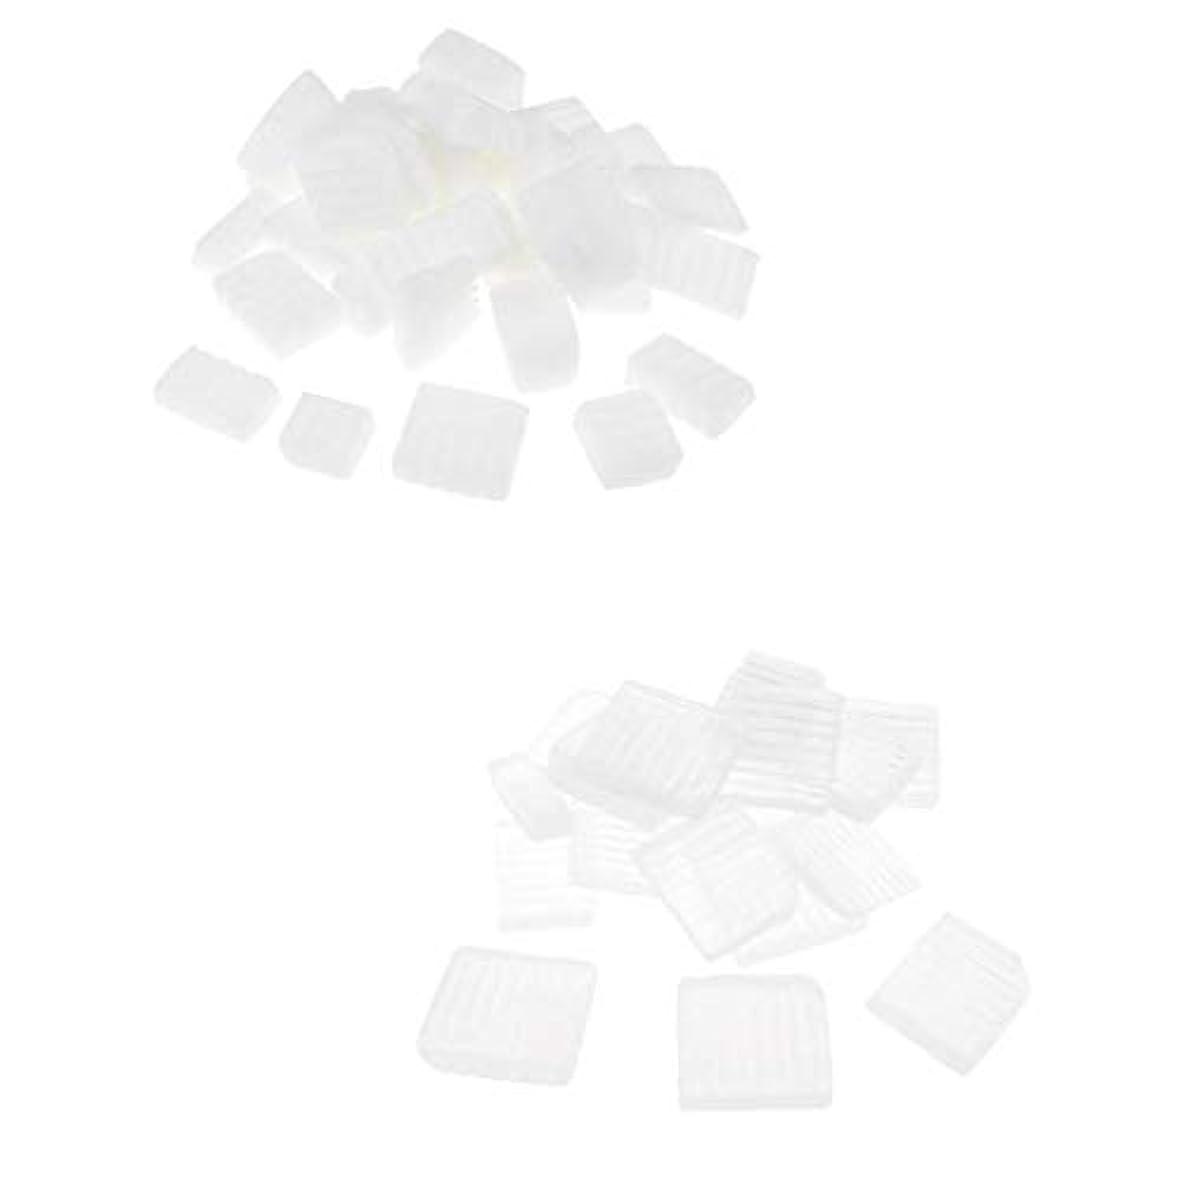 ニコチン古代グローFLAMEER 固形せっけん 石鹸ベース 2KG ホワイトクリア DIY製造 工芸品 ハンドメイド 石鹸原料 耐久性